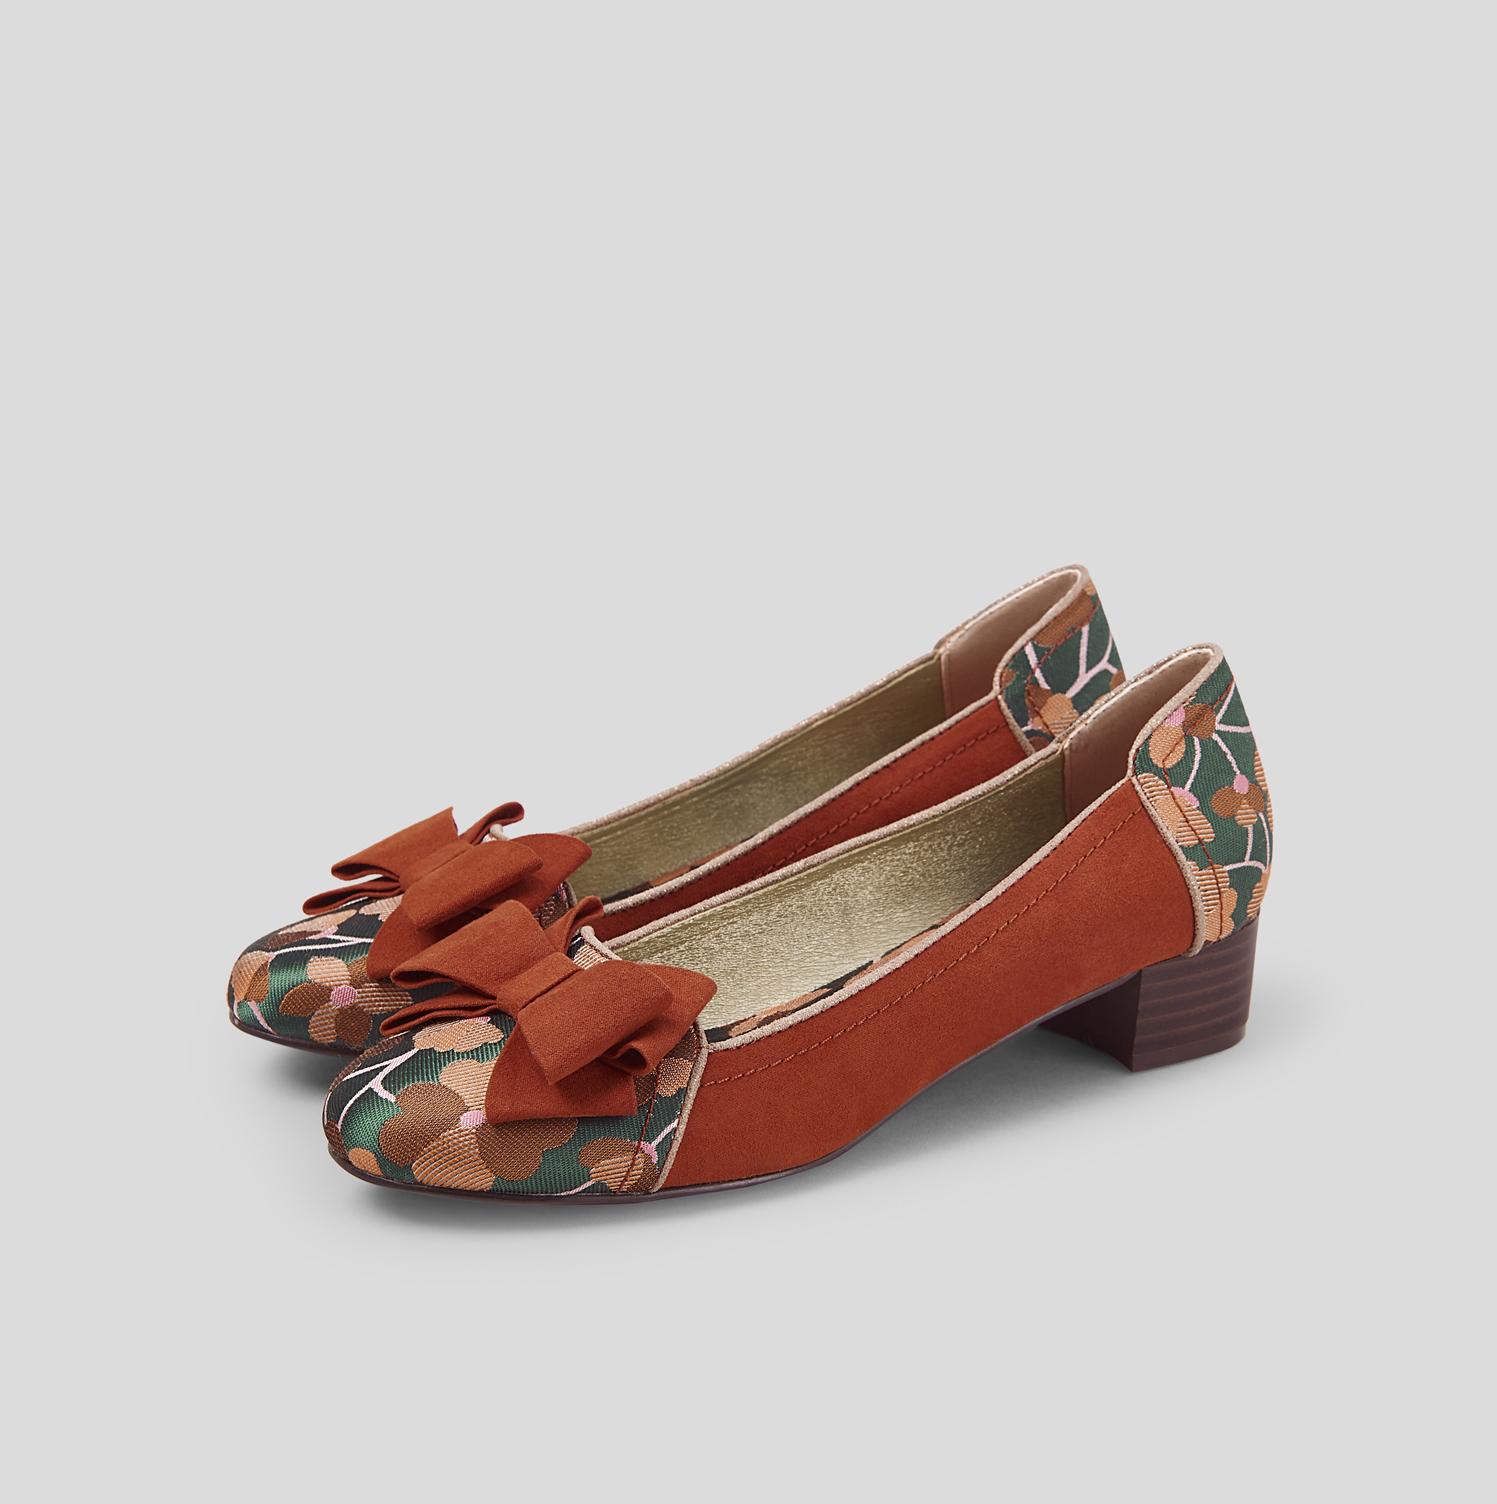 Ruby SHOO Aurora Aurora SHOO Tacón Bajo Glam Bombas Zapatos Sin taco con arco Reino Unido 2 - 9 EU 35-42 490312